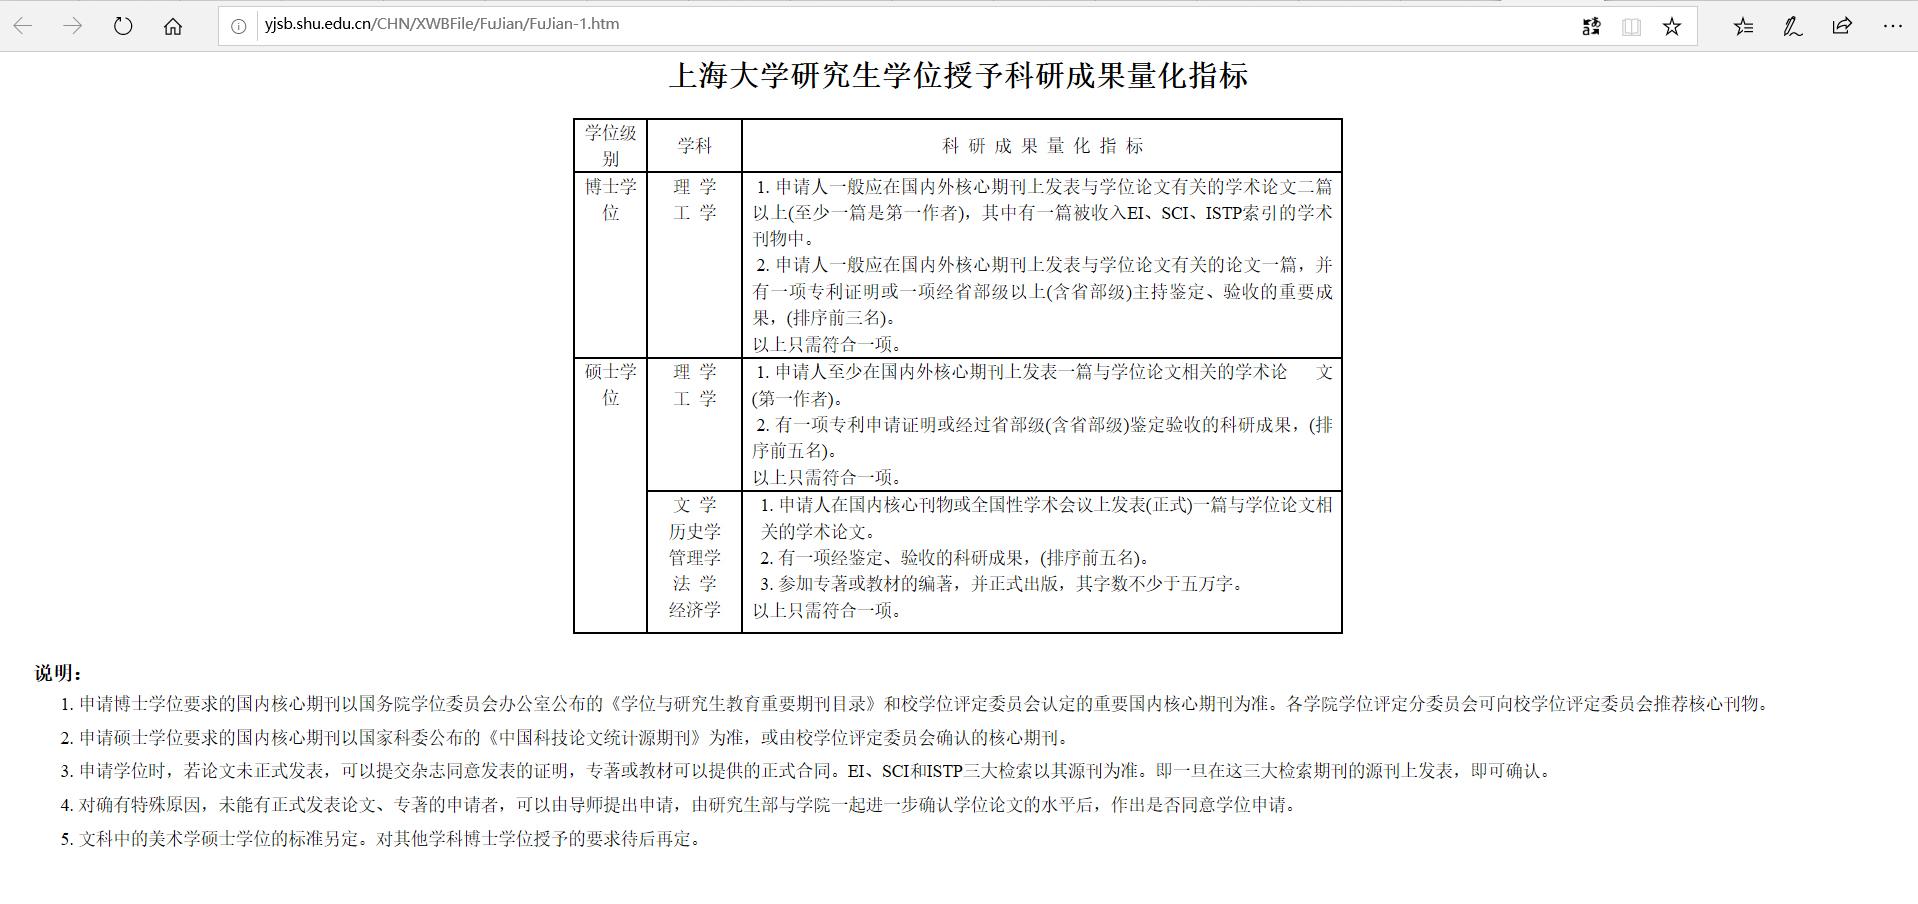 博士生发2篇论文申请博士学位遭拒起诉母校,该案正在审理